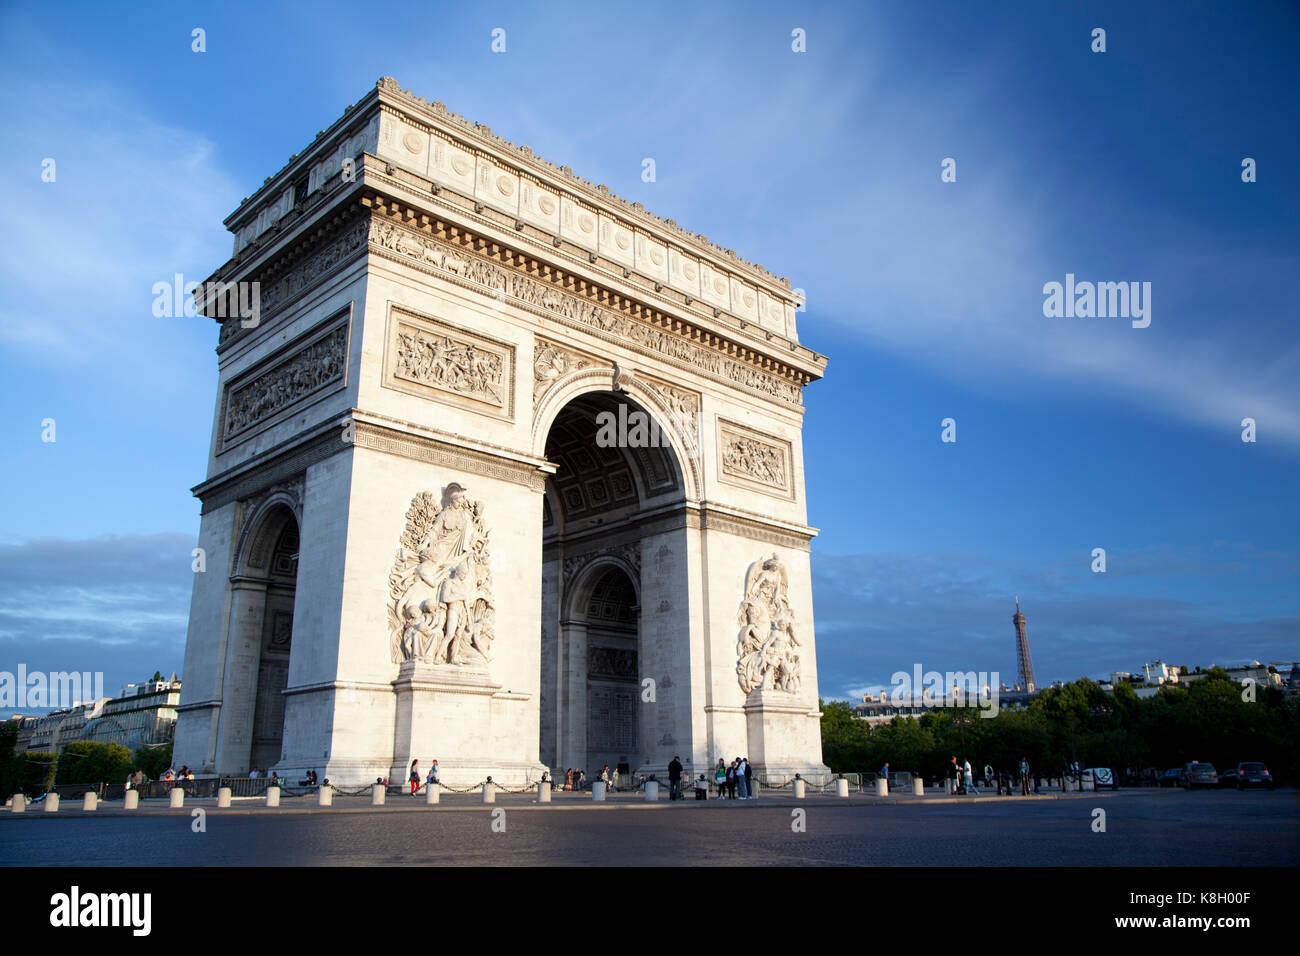 France, Paris, the Arc de Triomphe at sunset. - Stock Image